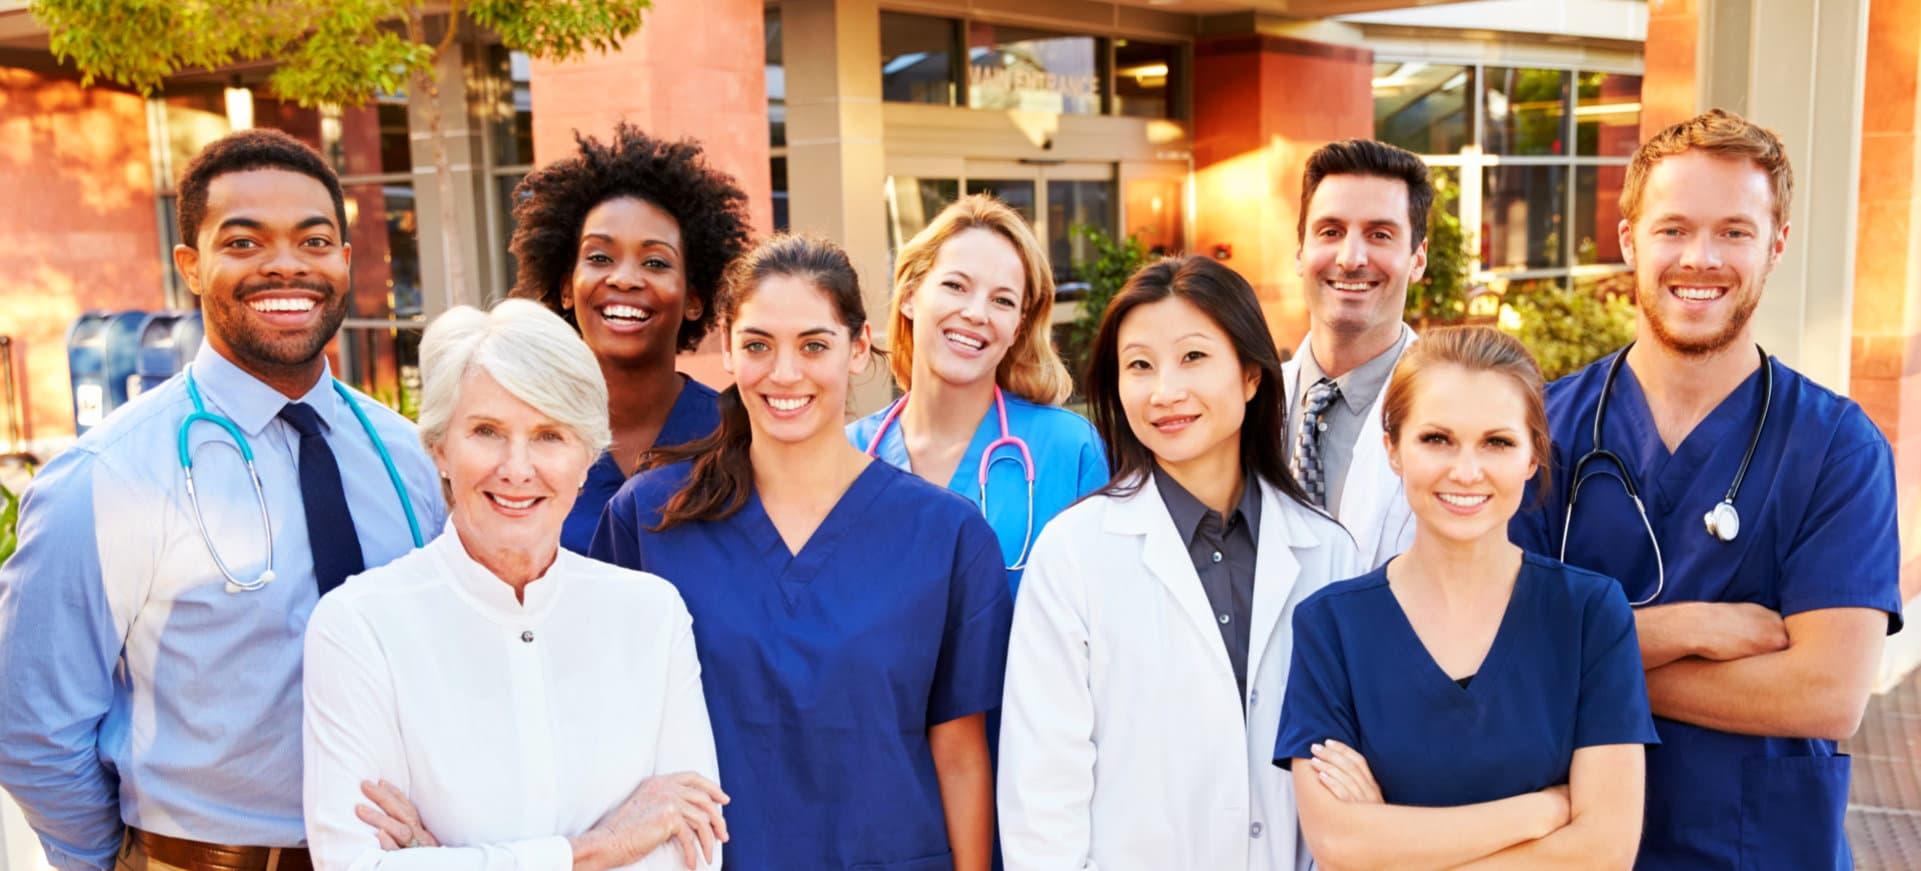 smiling medical staffs